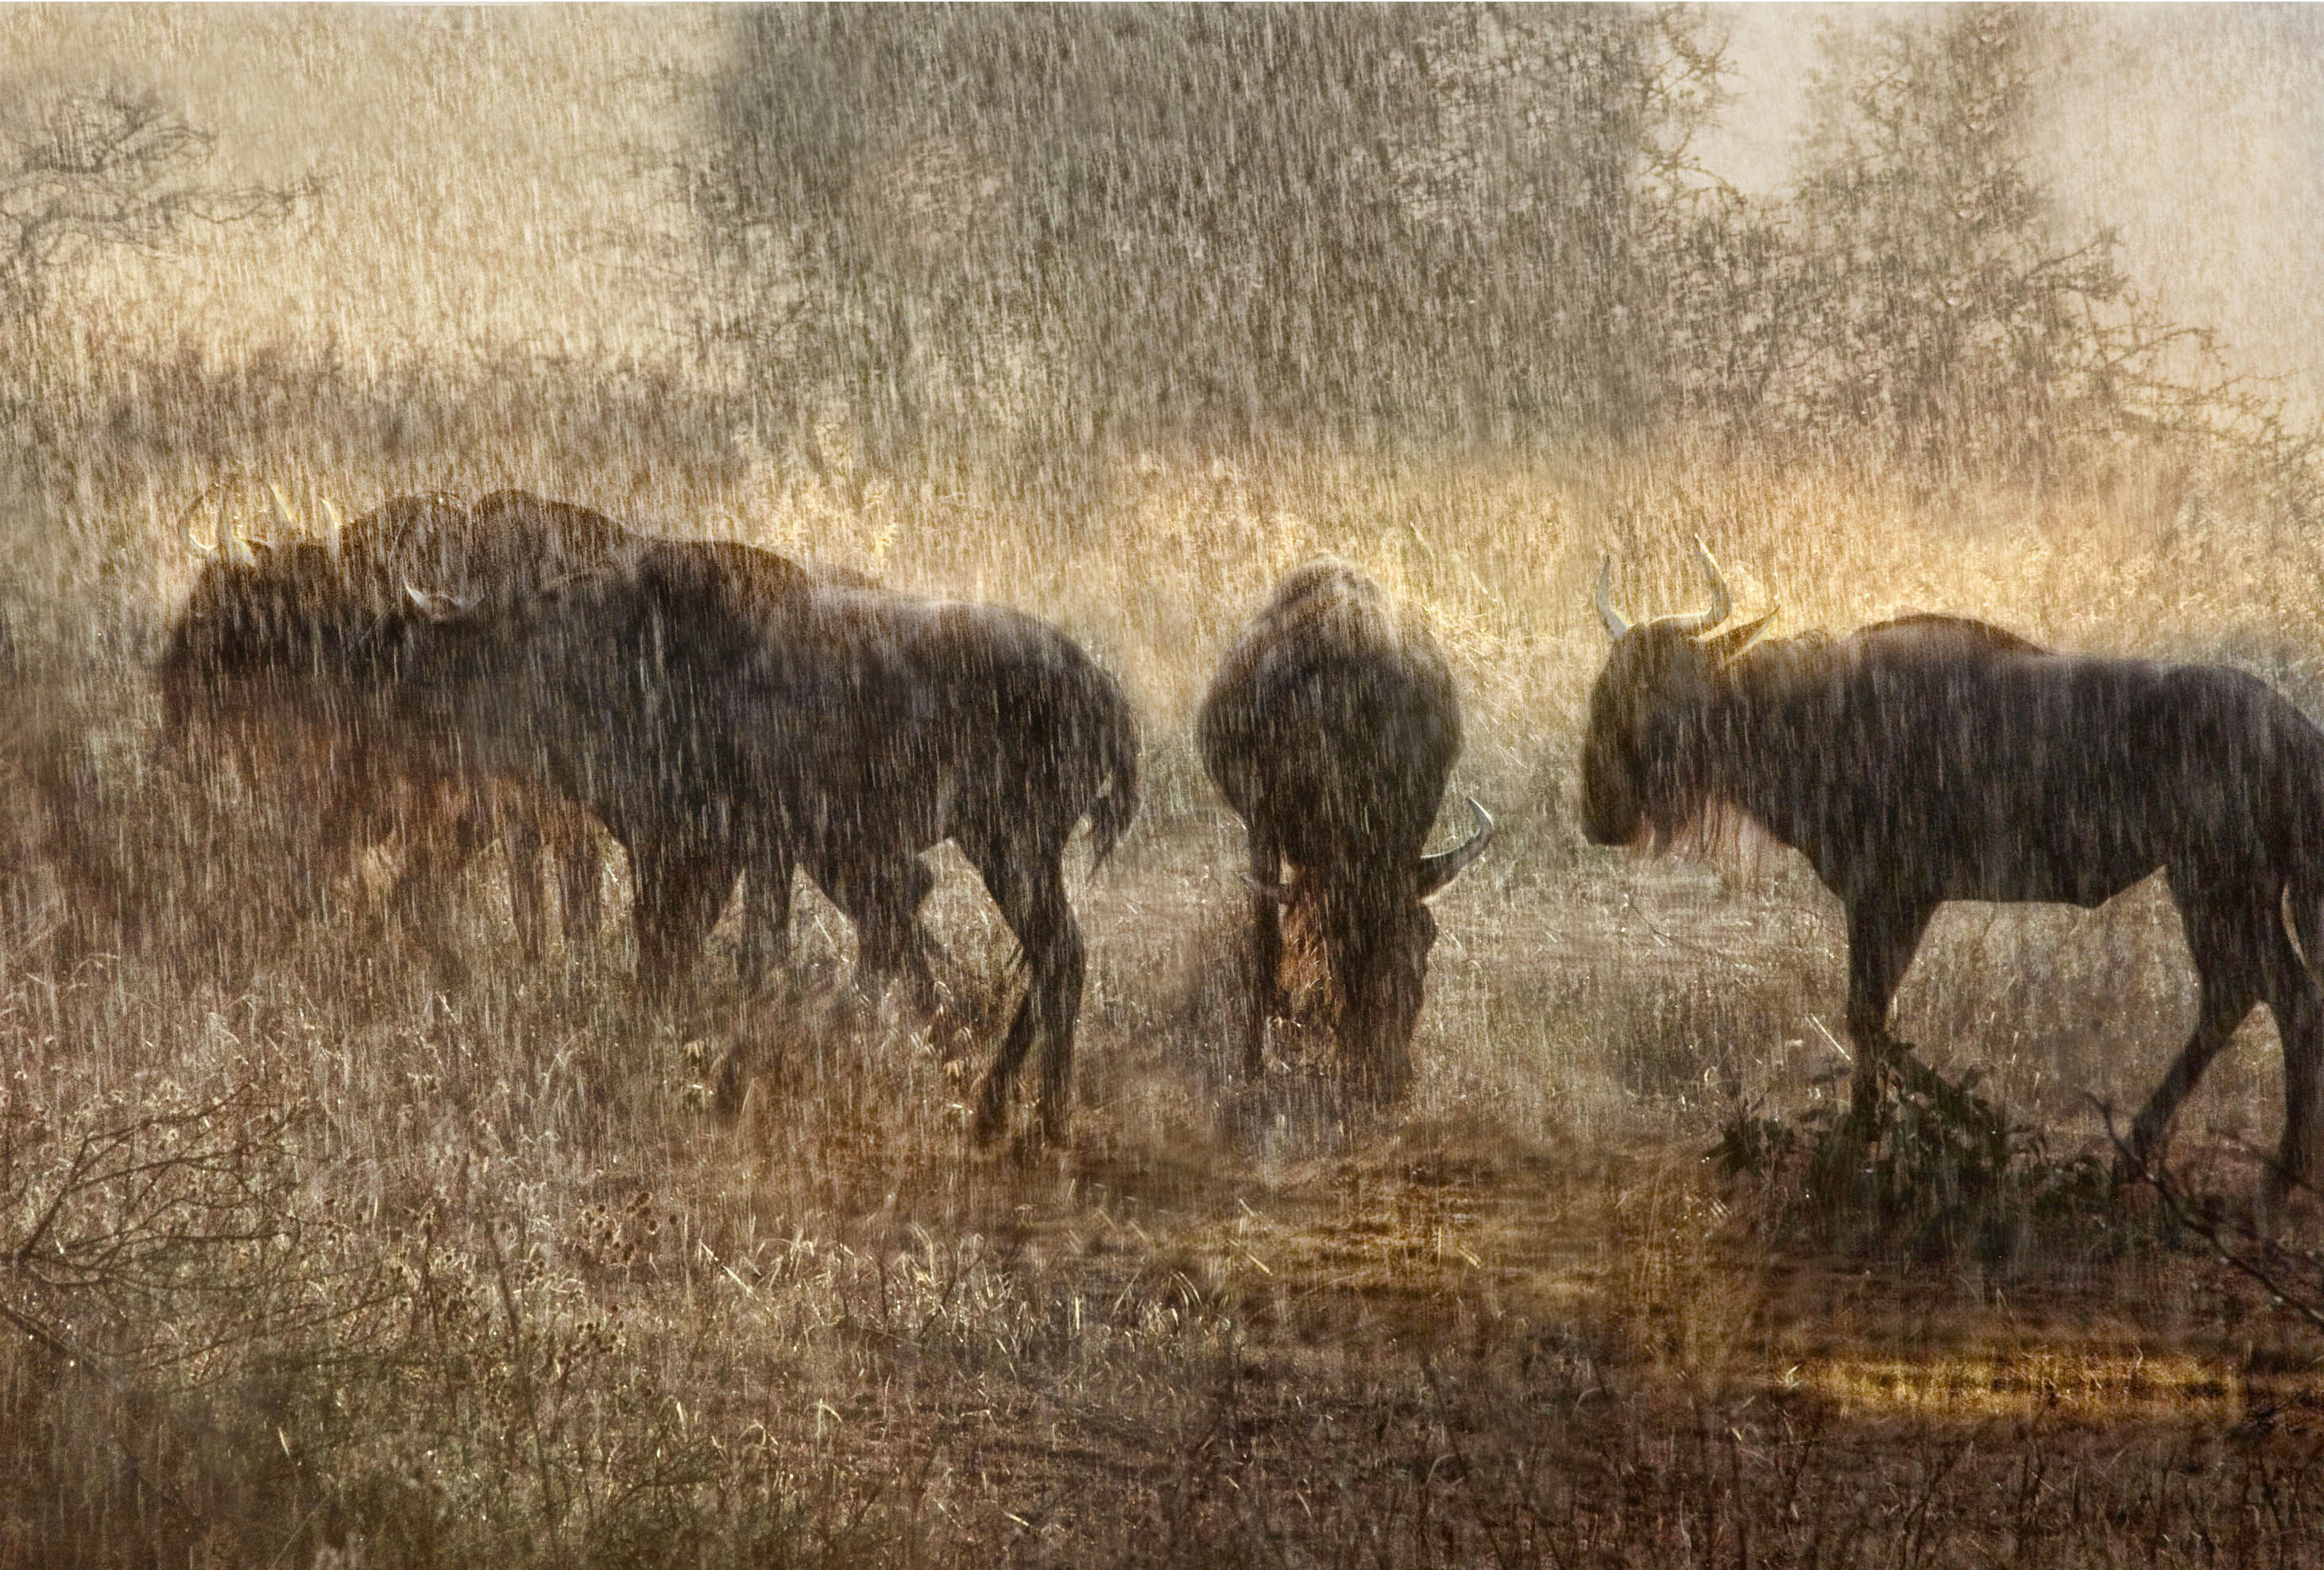 8 wildebeest in sunset shower